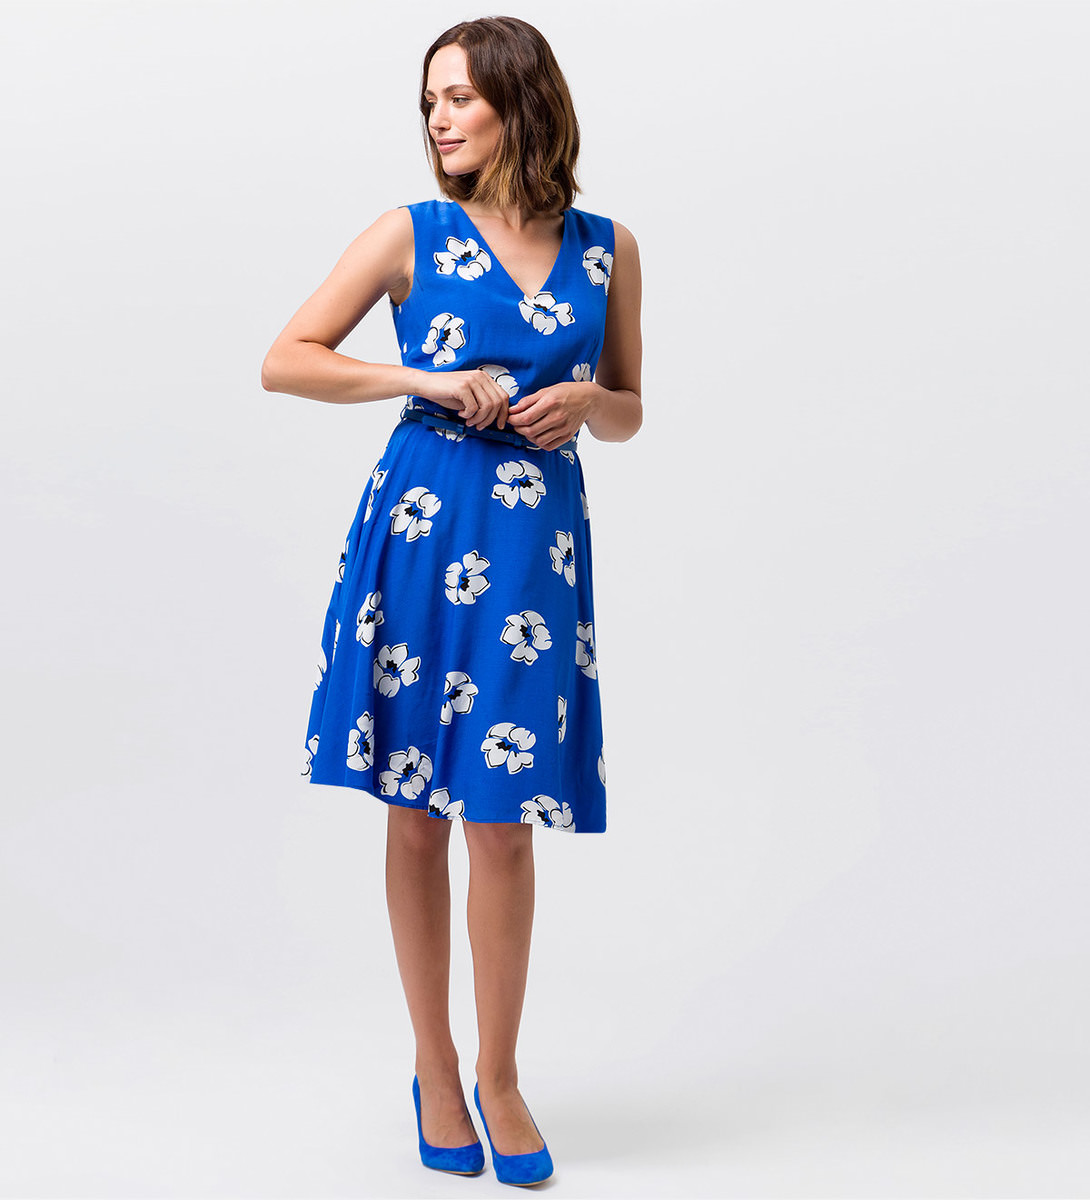 Kleid mit V-Ausschnitt in cobalt blue